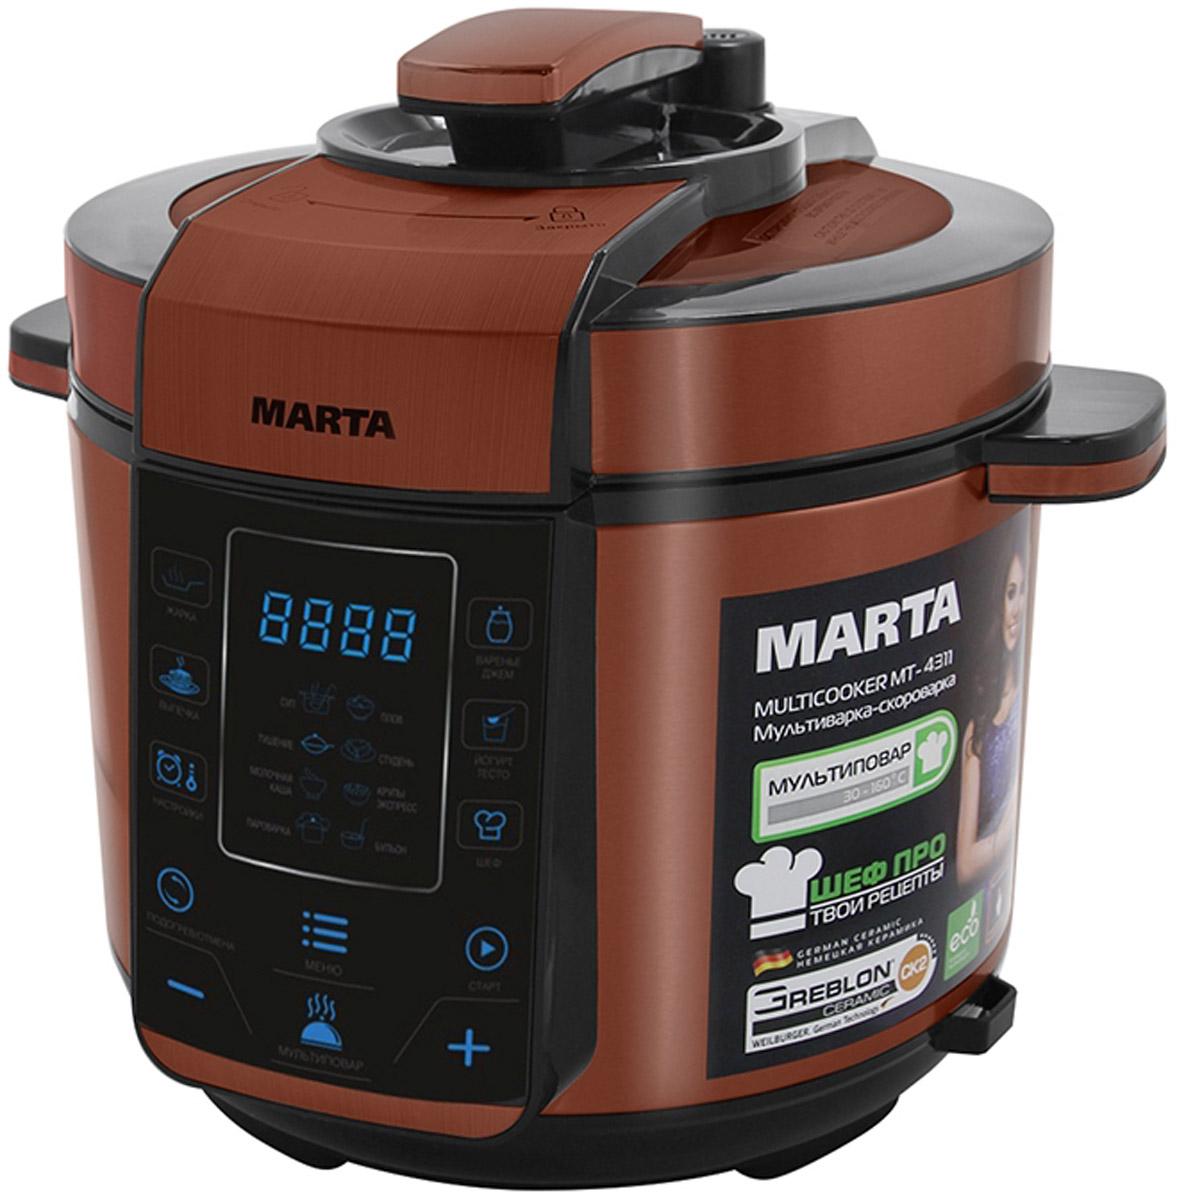 Marta MT-4311, Black Red мультиваркаMT-4311MARTA представляет новую уникальную мультиварку-скороварку, обладающую совершенным дизайном и всеми возможными функциями. Это настоящий прибор 2 в 1 - мультиварка и скороварка! Он позволяет готовить с давлением и без давления.МАRТА МТ-4311 комплектуется толстостенной чашей с немецким керамическим покрытием GREBLON CK2. Главной особенностью модели МАRТА МТ-4311 является то, что это универсальное устройство, которое совмещает функции мультиварки и скороварки. В ней есть программы, которые используют технологию приготовления пищи под давлением, а есть программы, присущие простым мультиваркам, в которых приготовление происходит без давления. Ваше блюдо никогда не подгорит, сохранит свой вкус, аромат и витамины. Сенсорное управление позволит с легкостью управляться 30 программами приготовления, из которых 14 - полностью автоматическая: 9 работают в режиме скороварки, а 5 - в режиме мультиварки. Остальные 16 программ настраиваются вручную. А для полного раскрытия кулинарного таланта - программа мультиповар в комбинации с программой ШЕФ и функцией ШЕФ ПРО! Откройте для себя новые кулинарные возможности со скороварками MARTA!